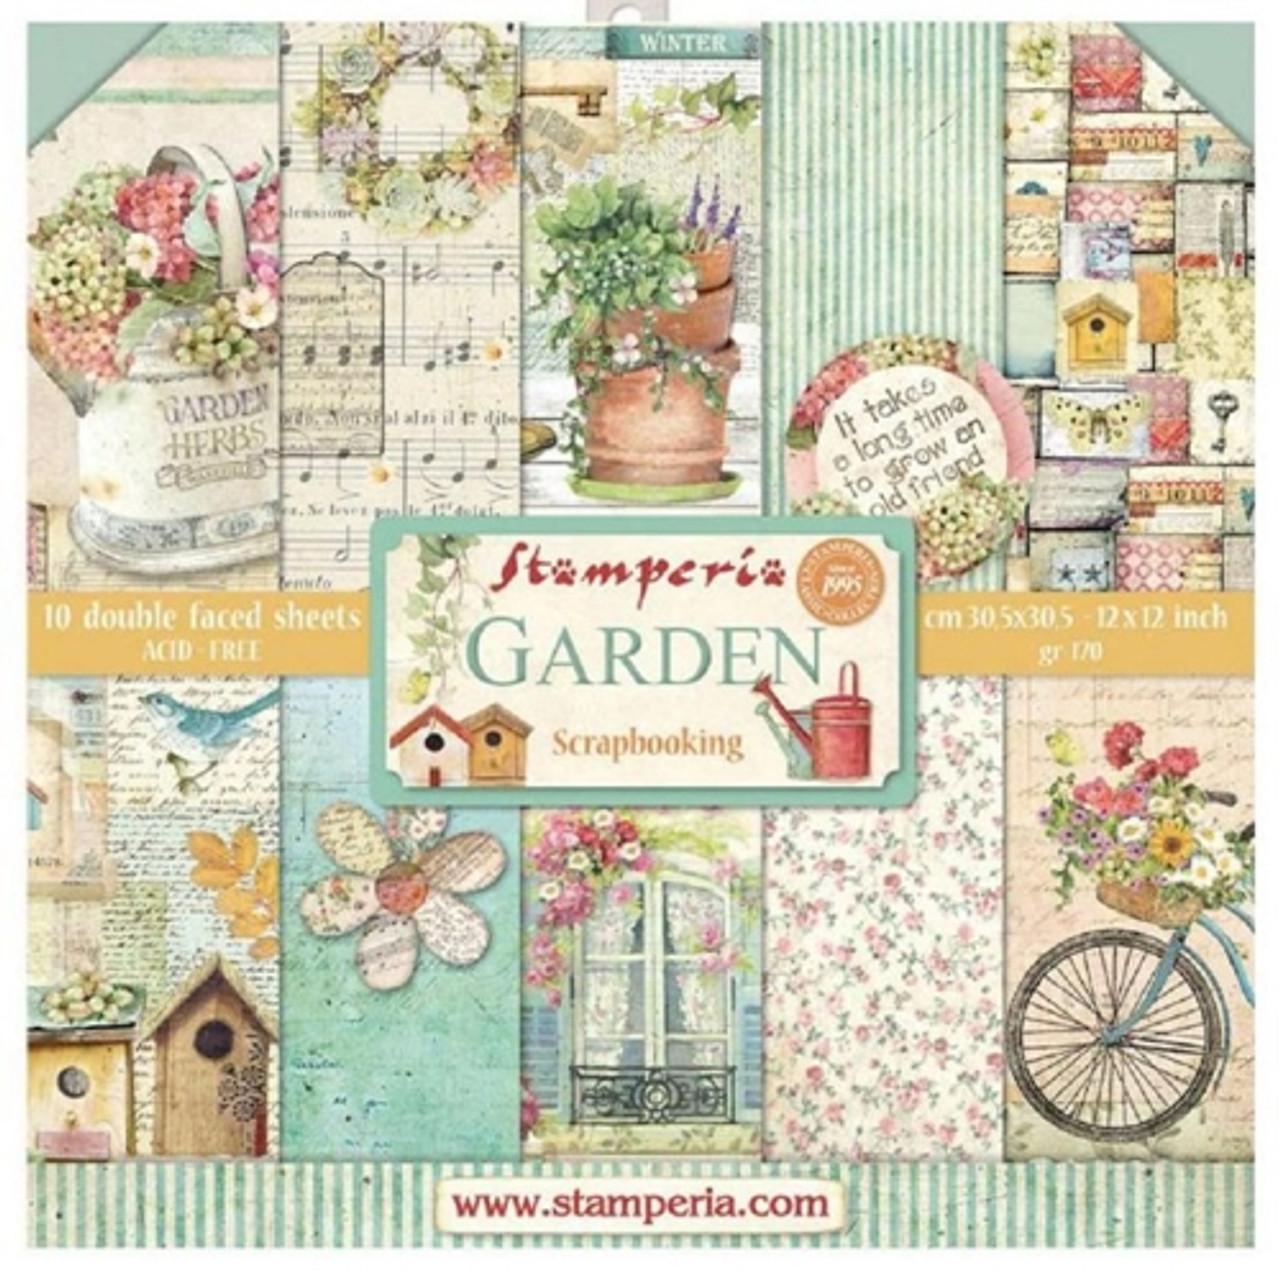 Stamperia 12 x 12 Paper Pad Precious